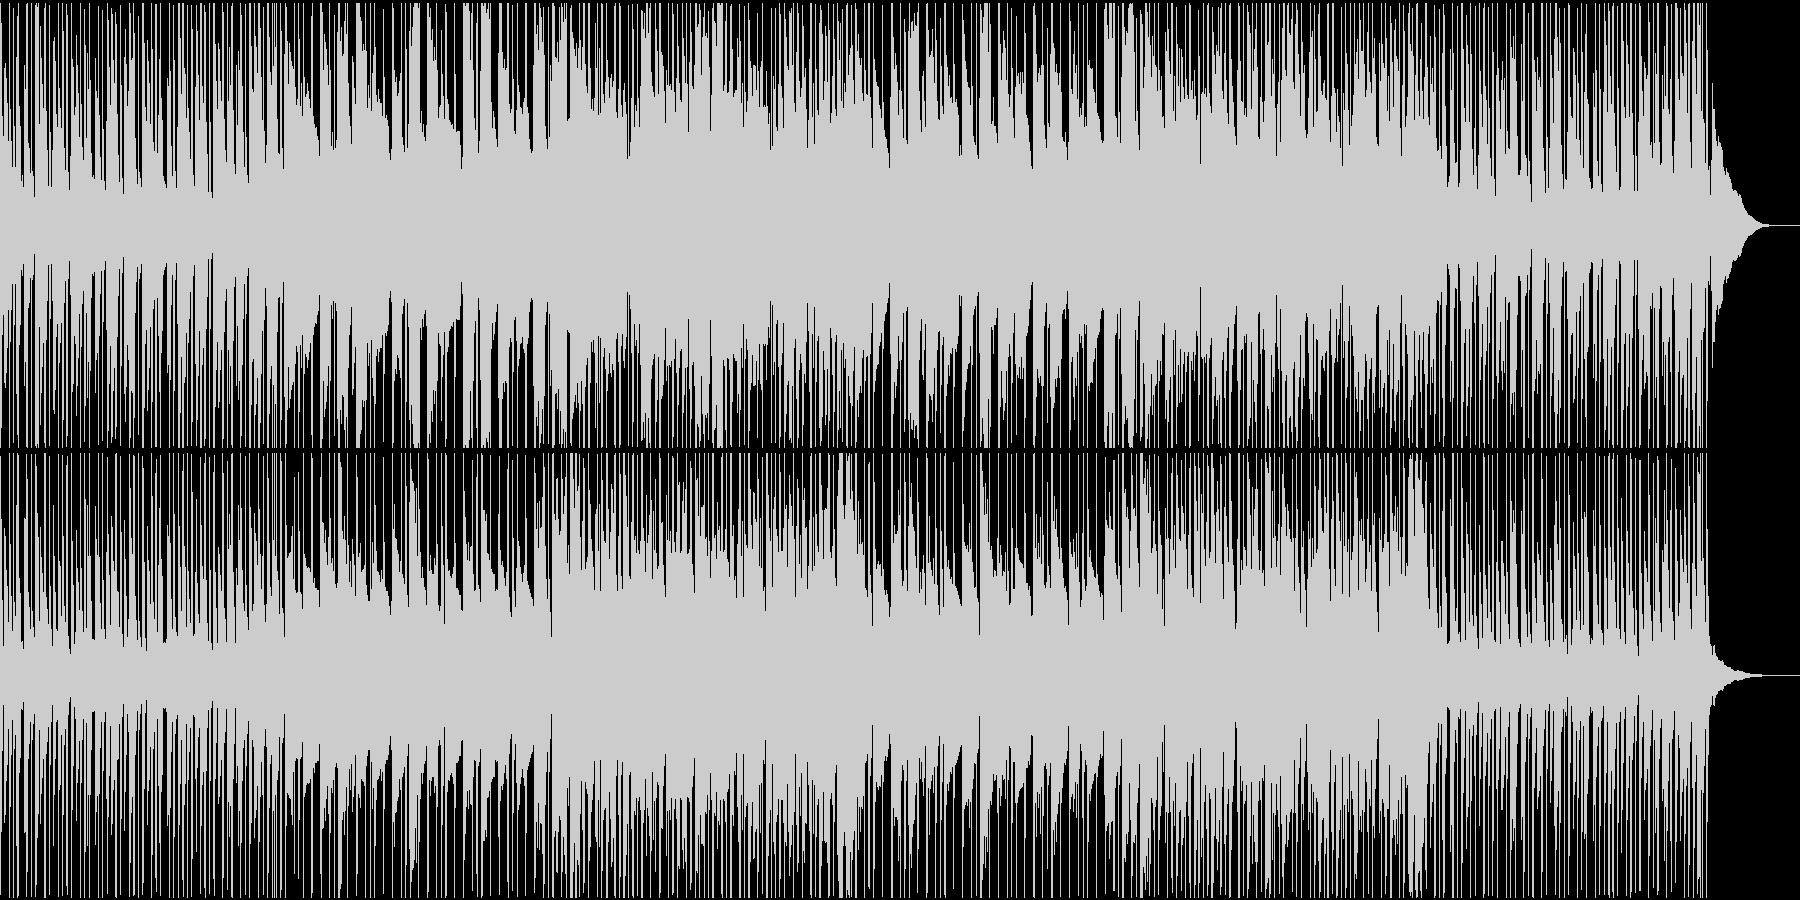 爽やかな朝を感じるR&Bポップスの未再生の波形